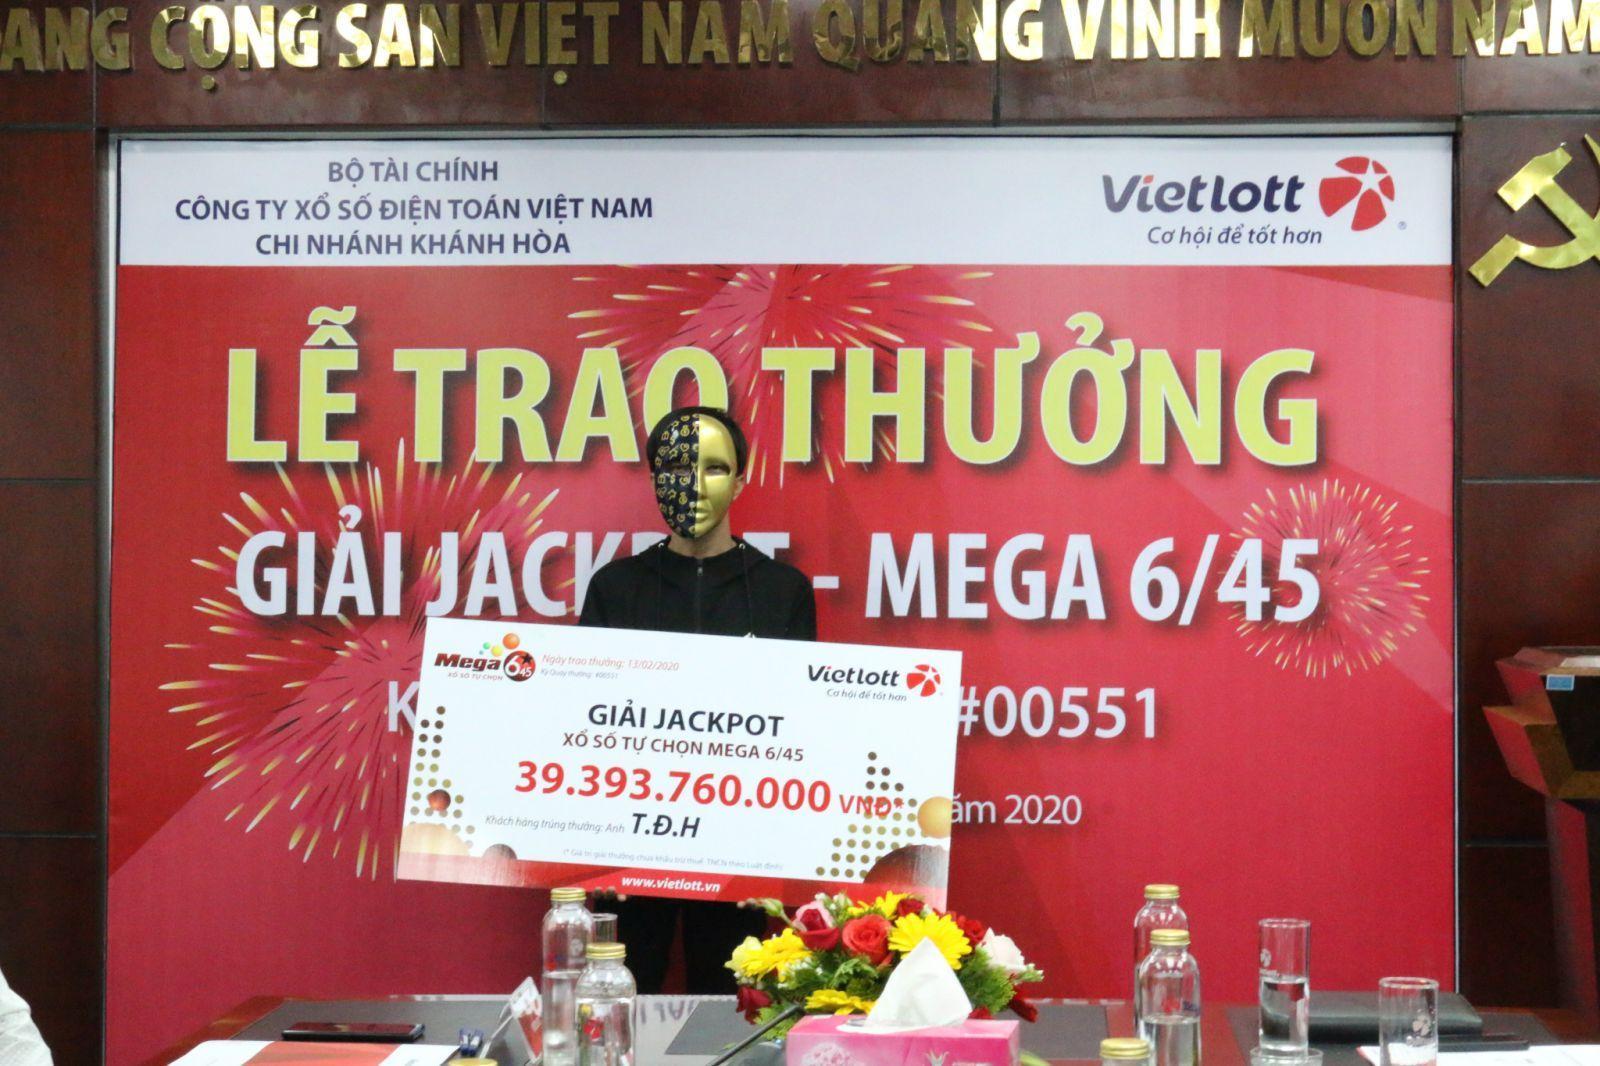 Một khách hàng tại Đăk Lăk trúng Vietlott trị giá lớn Ảnh 1